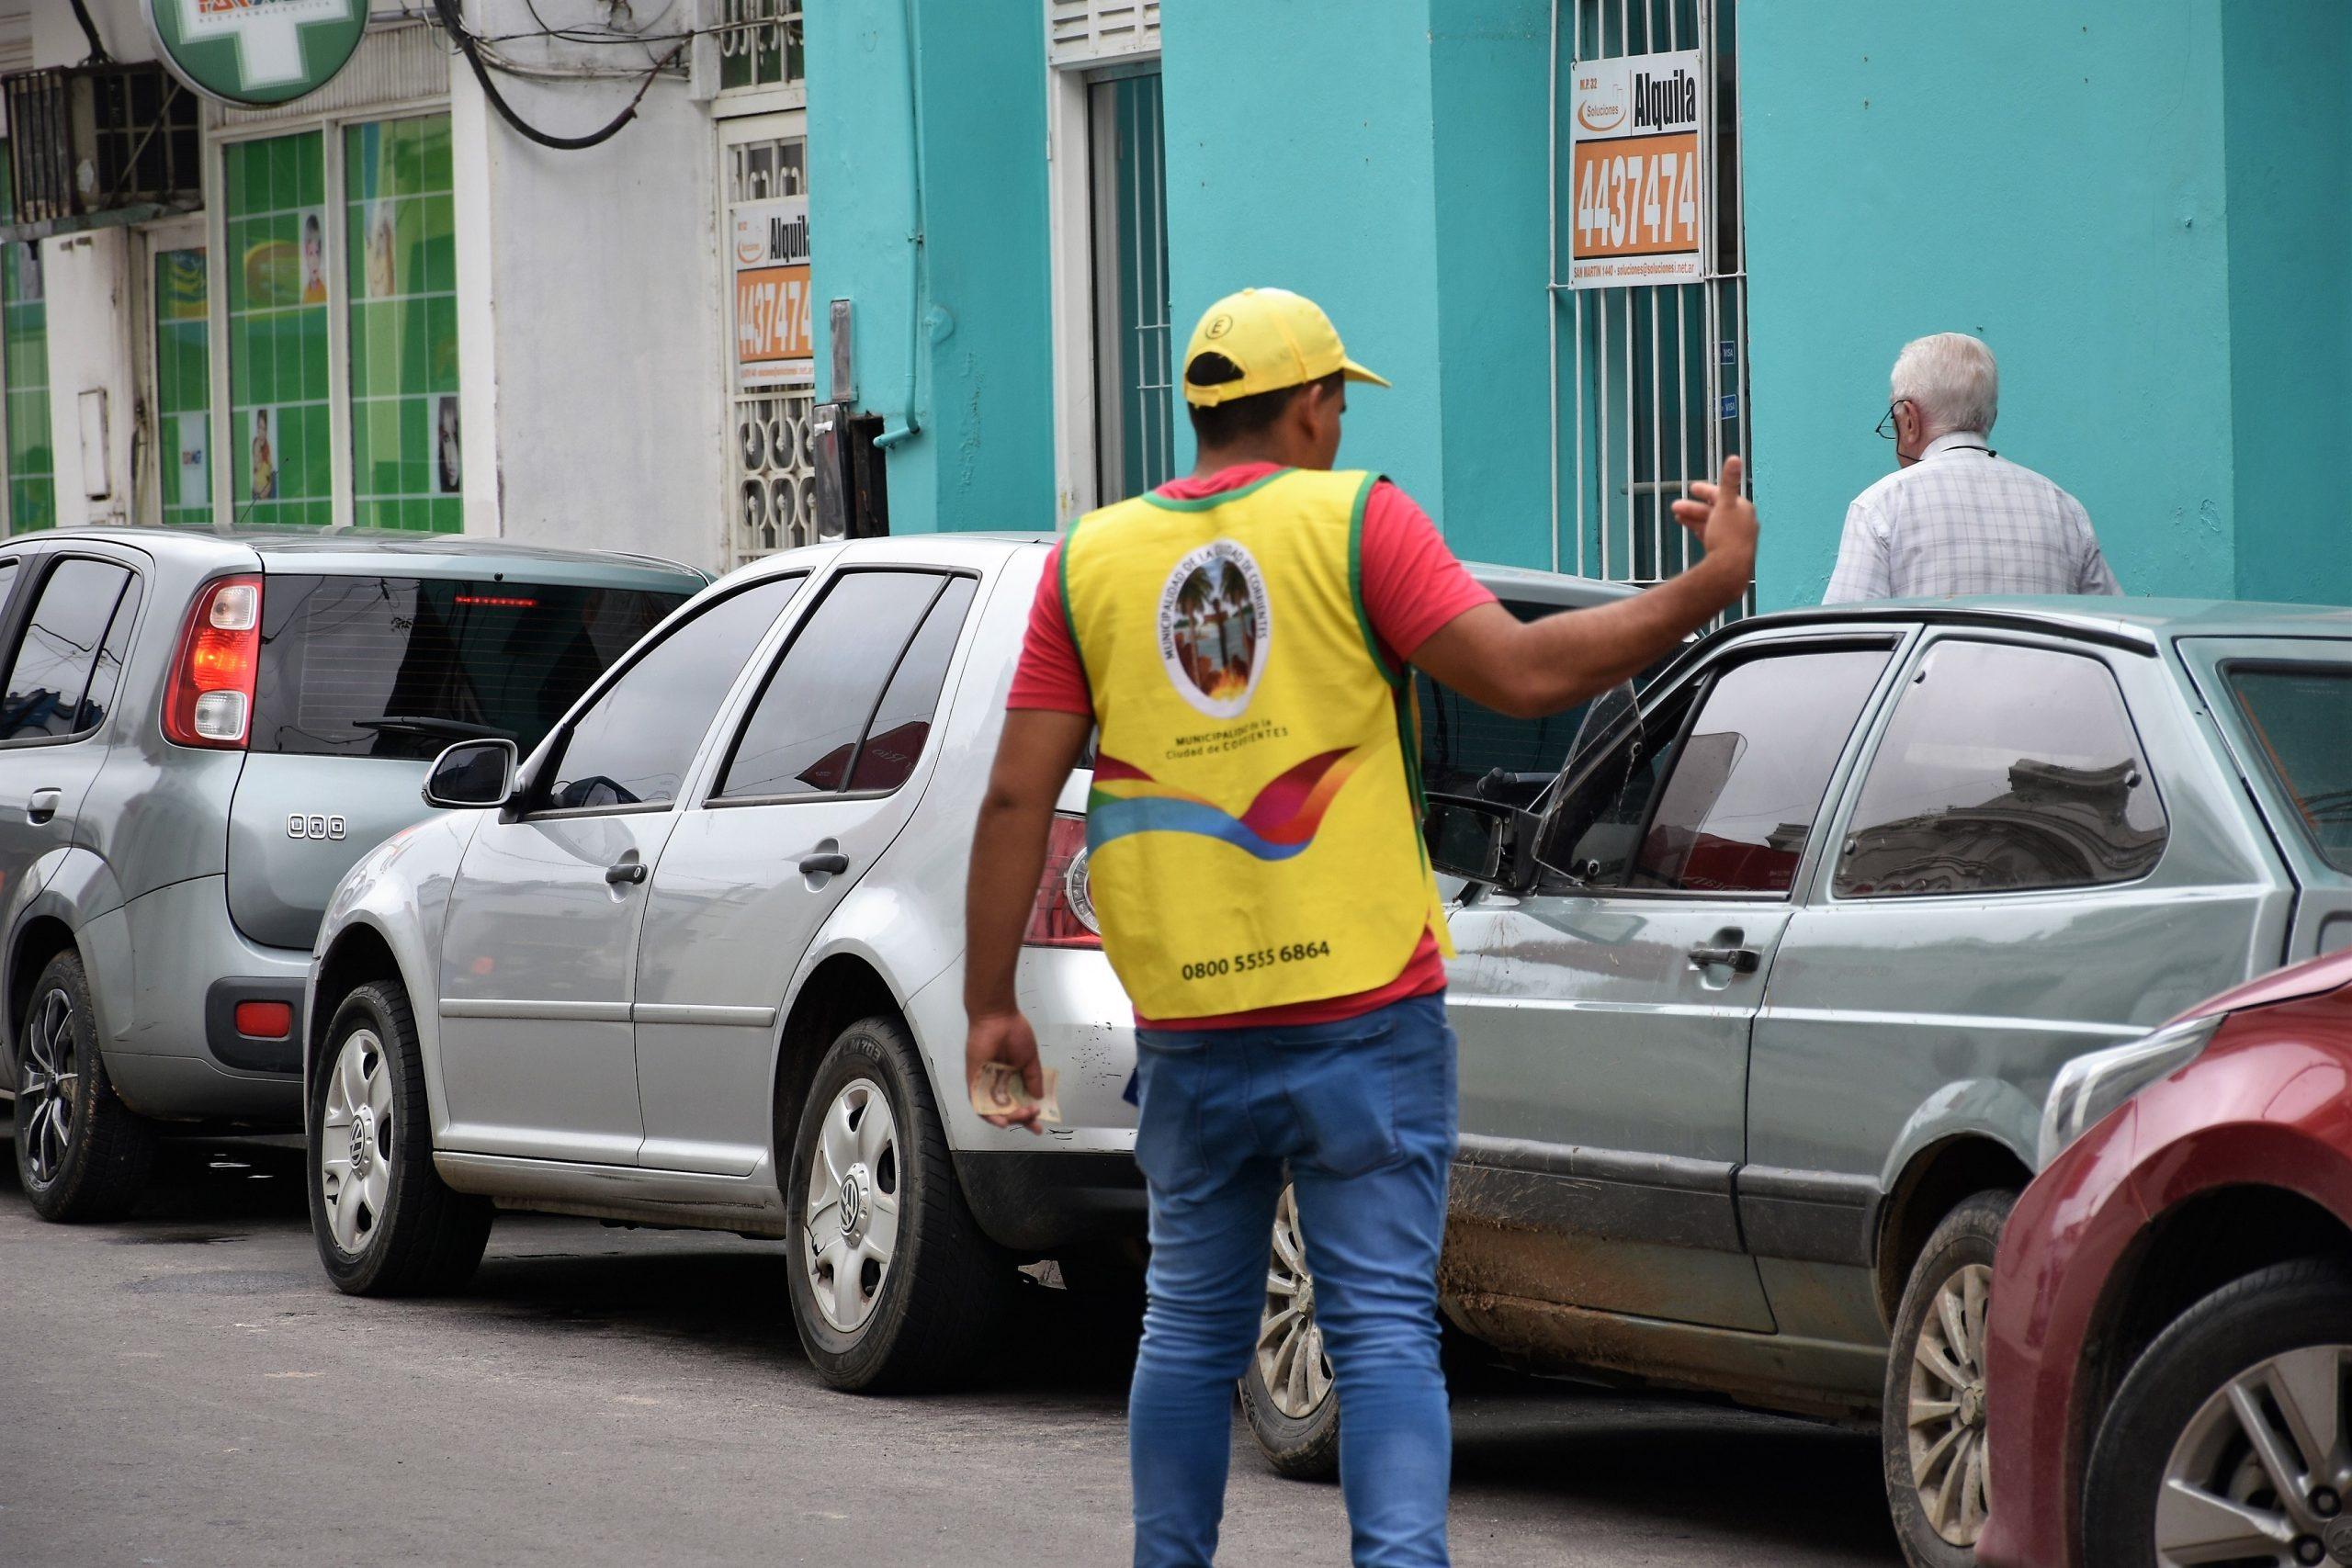 Suspenden el cobro del estacionamiento medido hasta el 31 de marzo